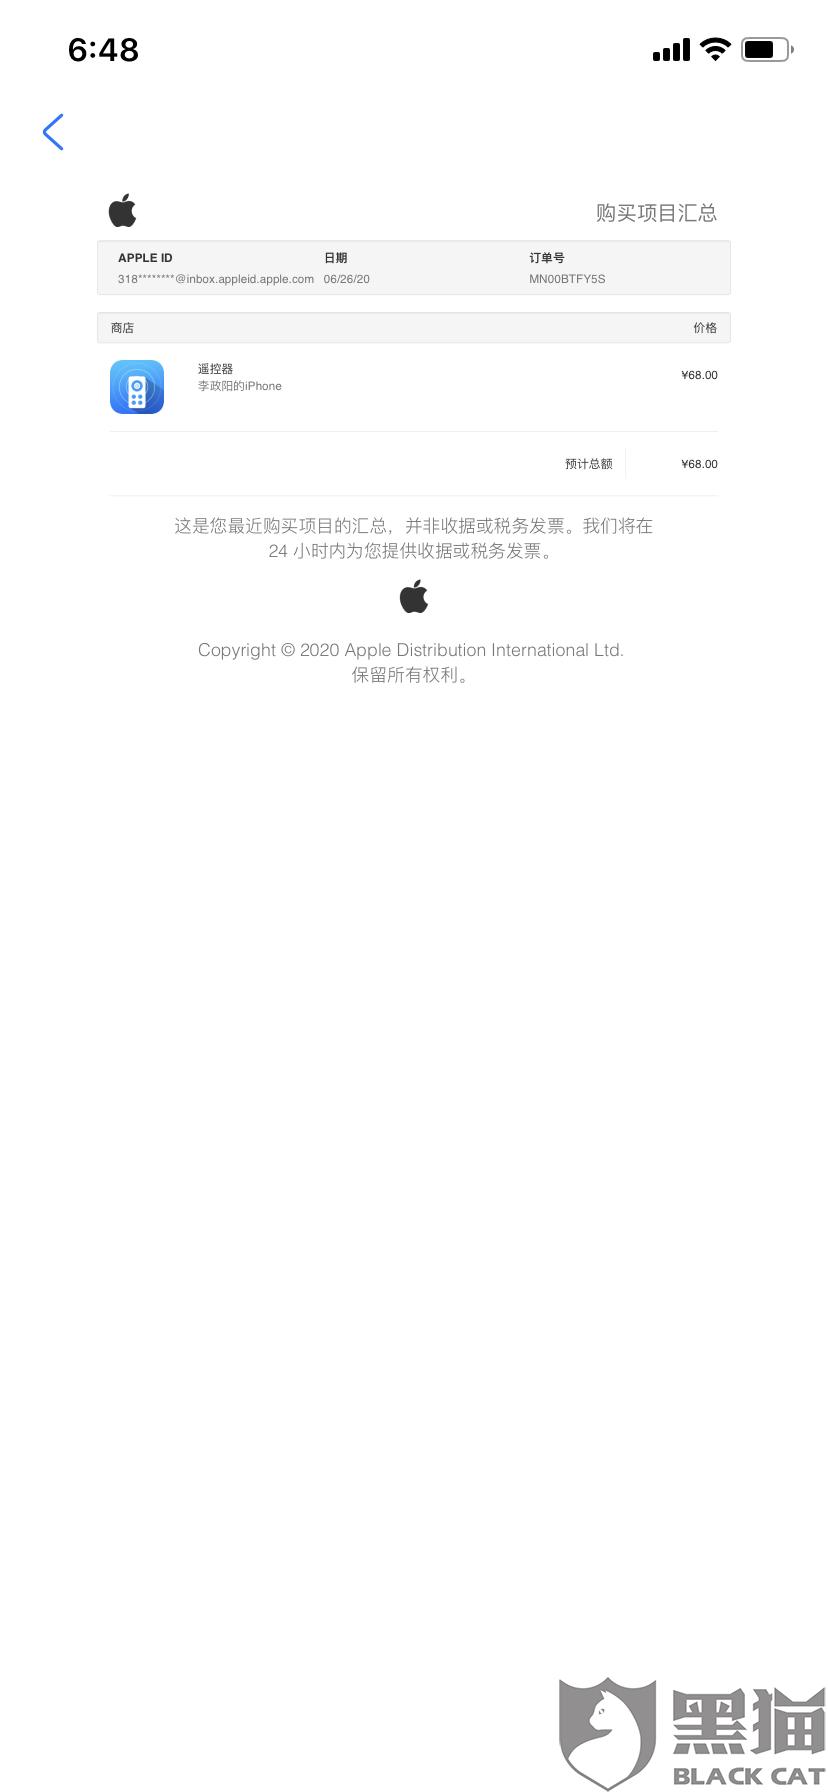 黑猫投诉:苹果app里的万能遥控器恶意扣费